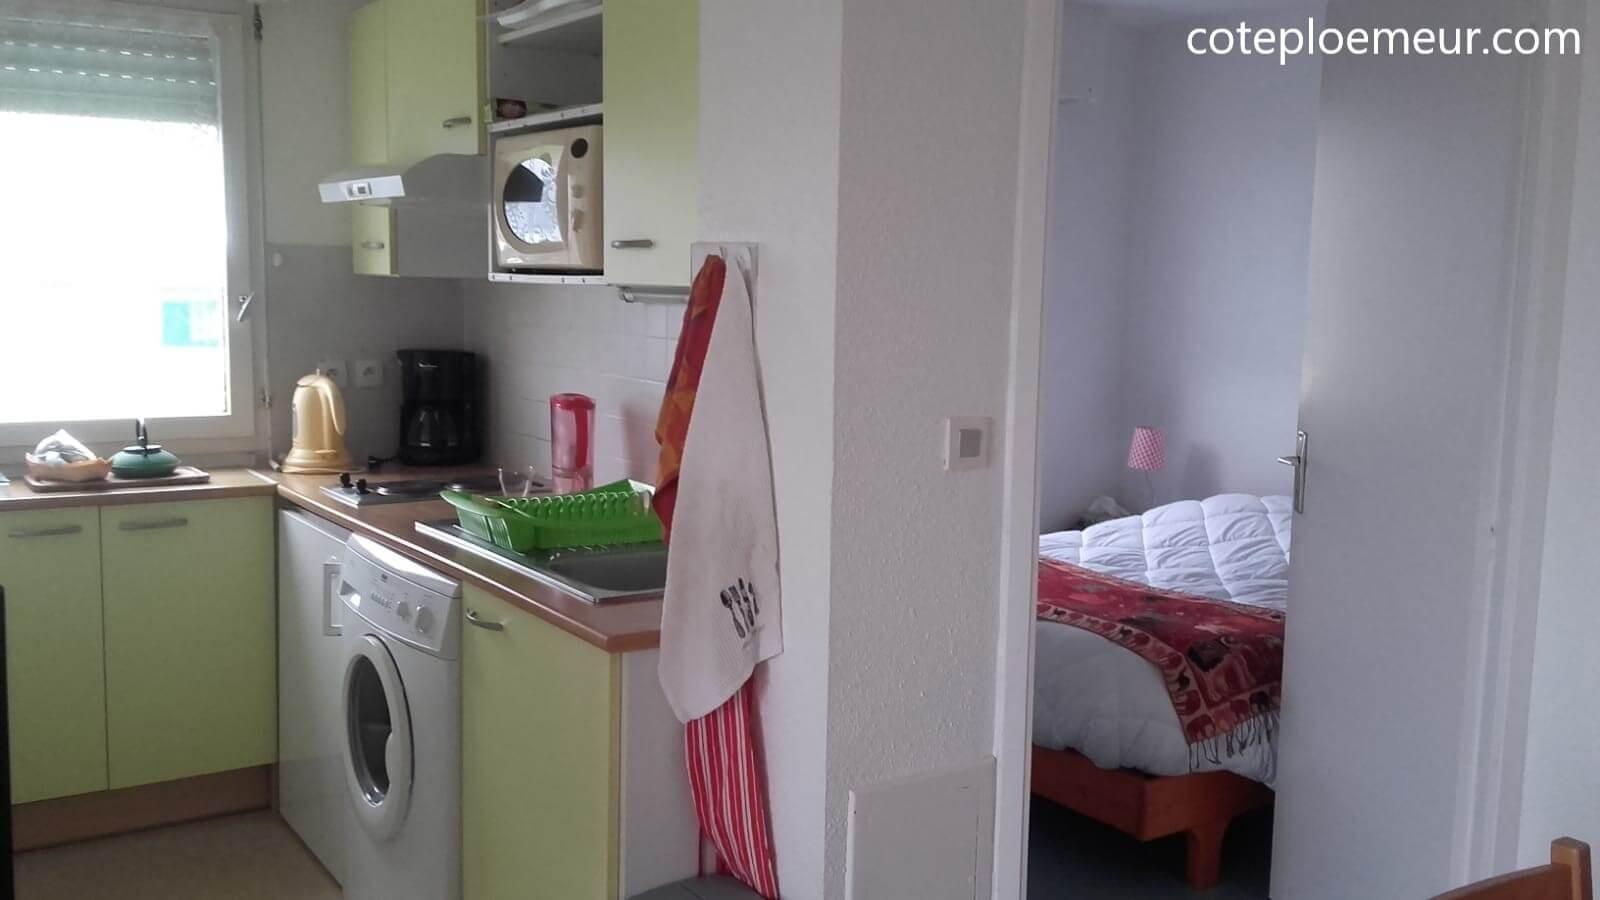 Cuisine et chambre C